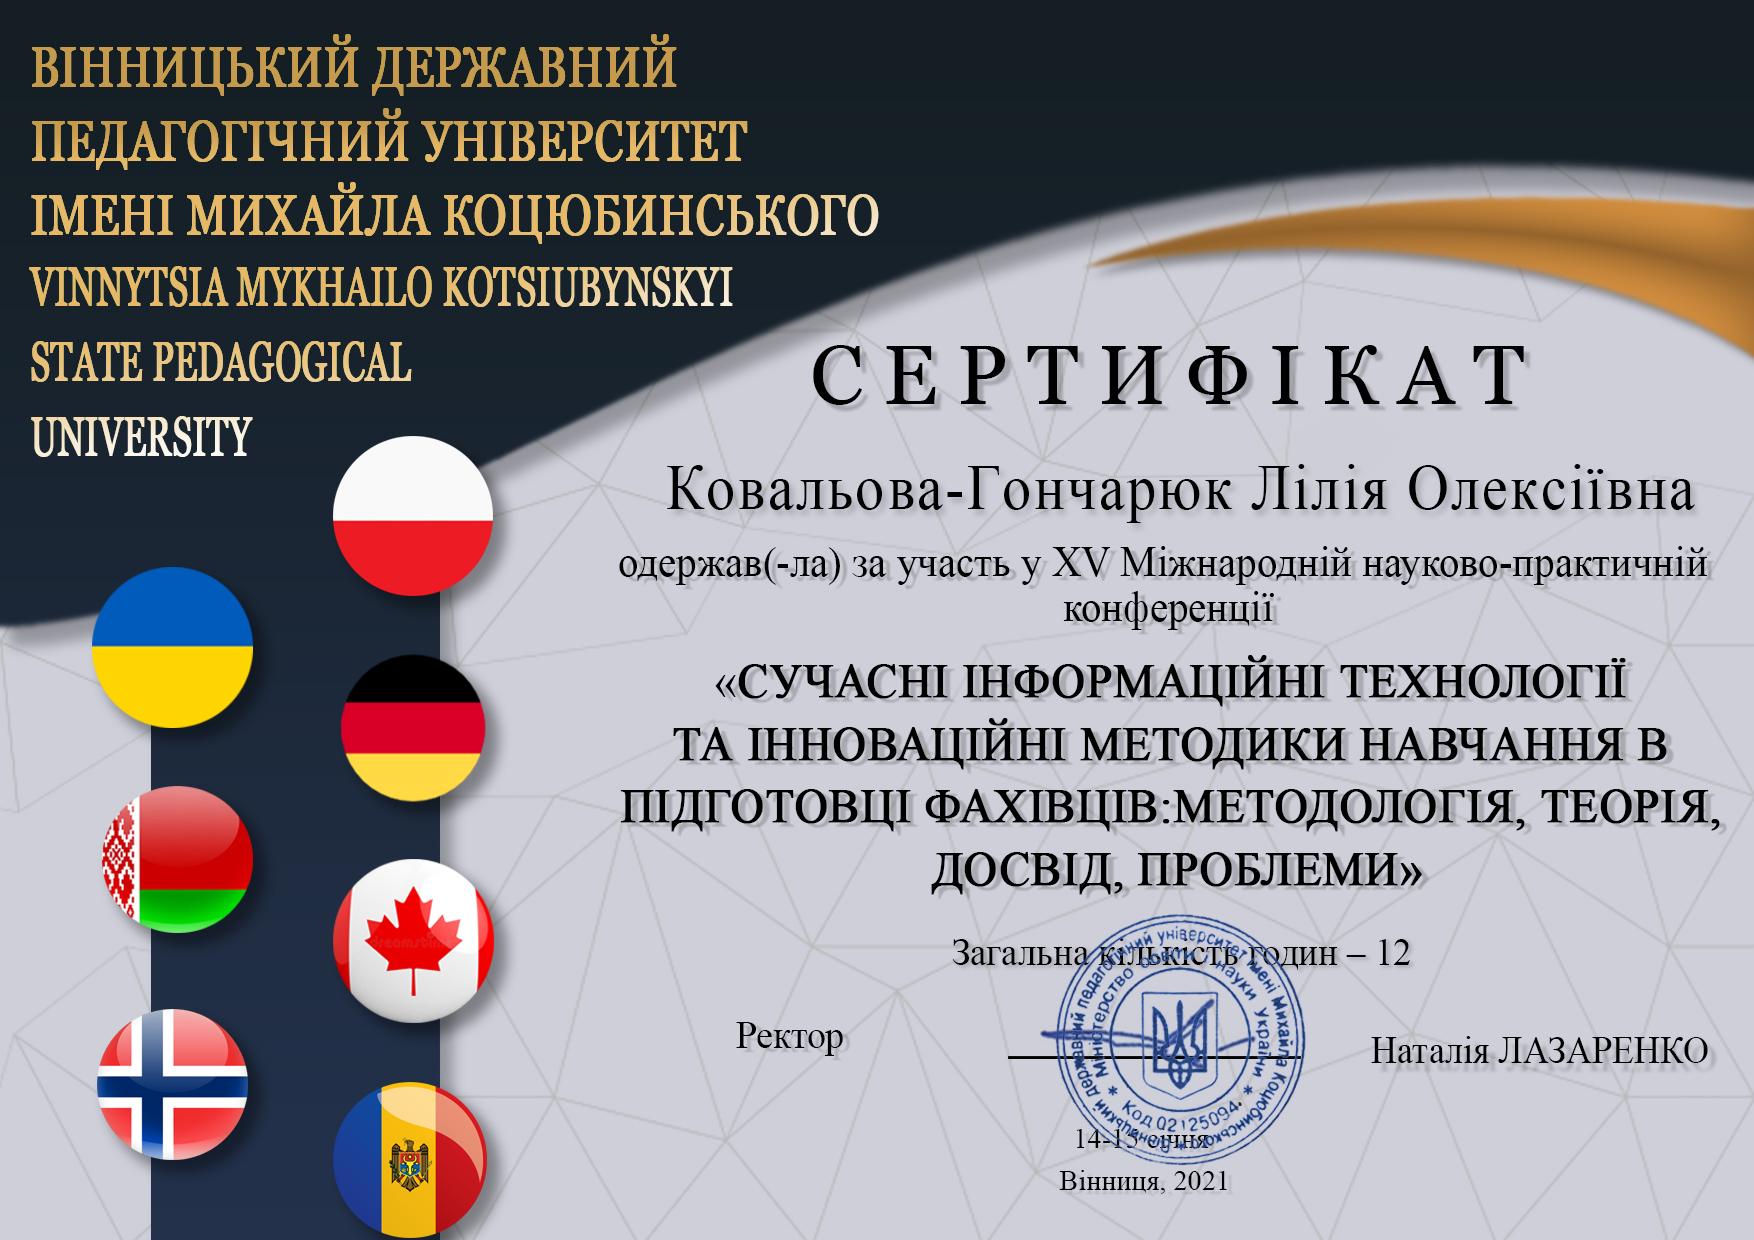 Ковальова-Гончарюк Лілія Олексіївна